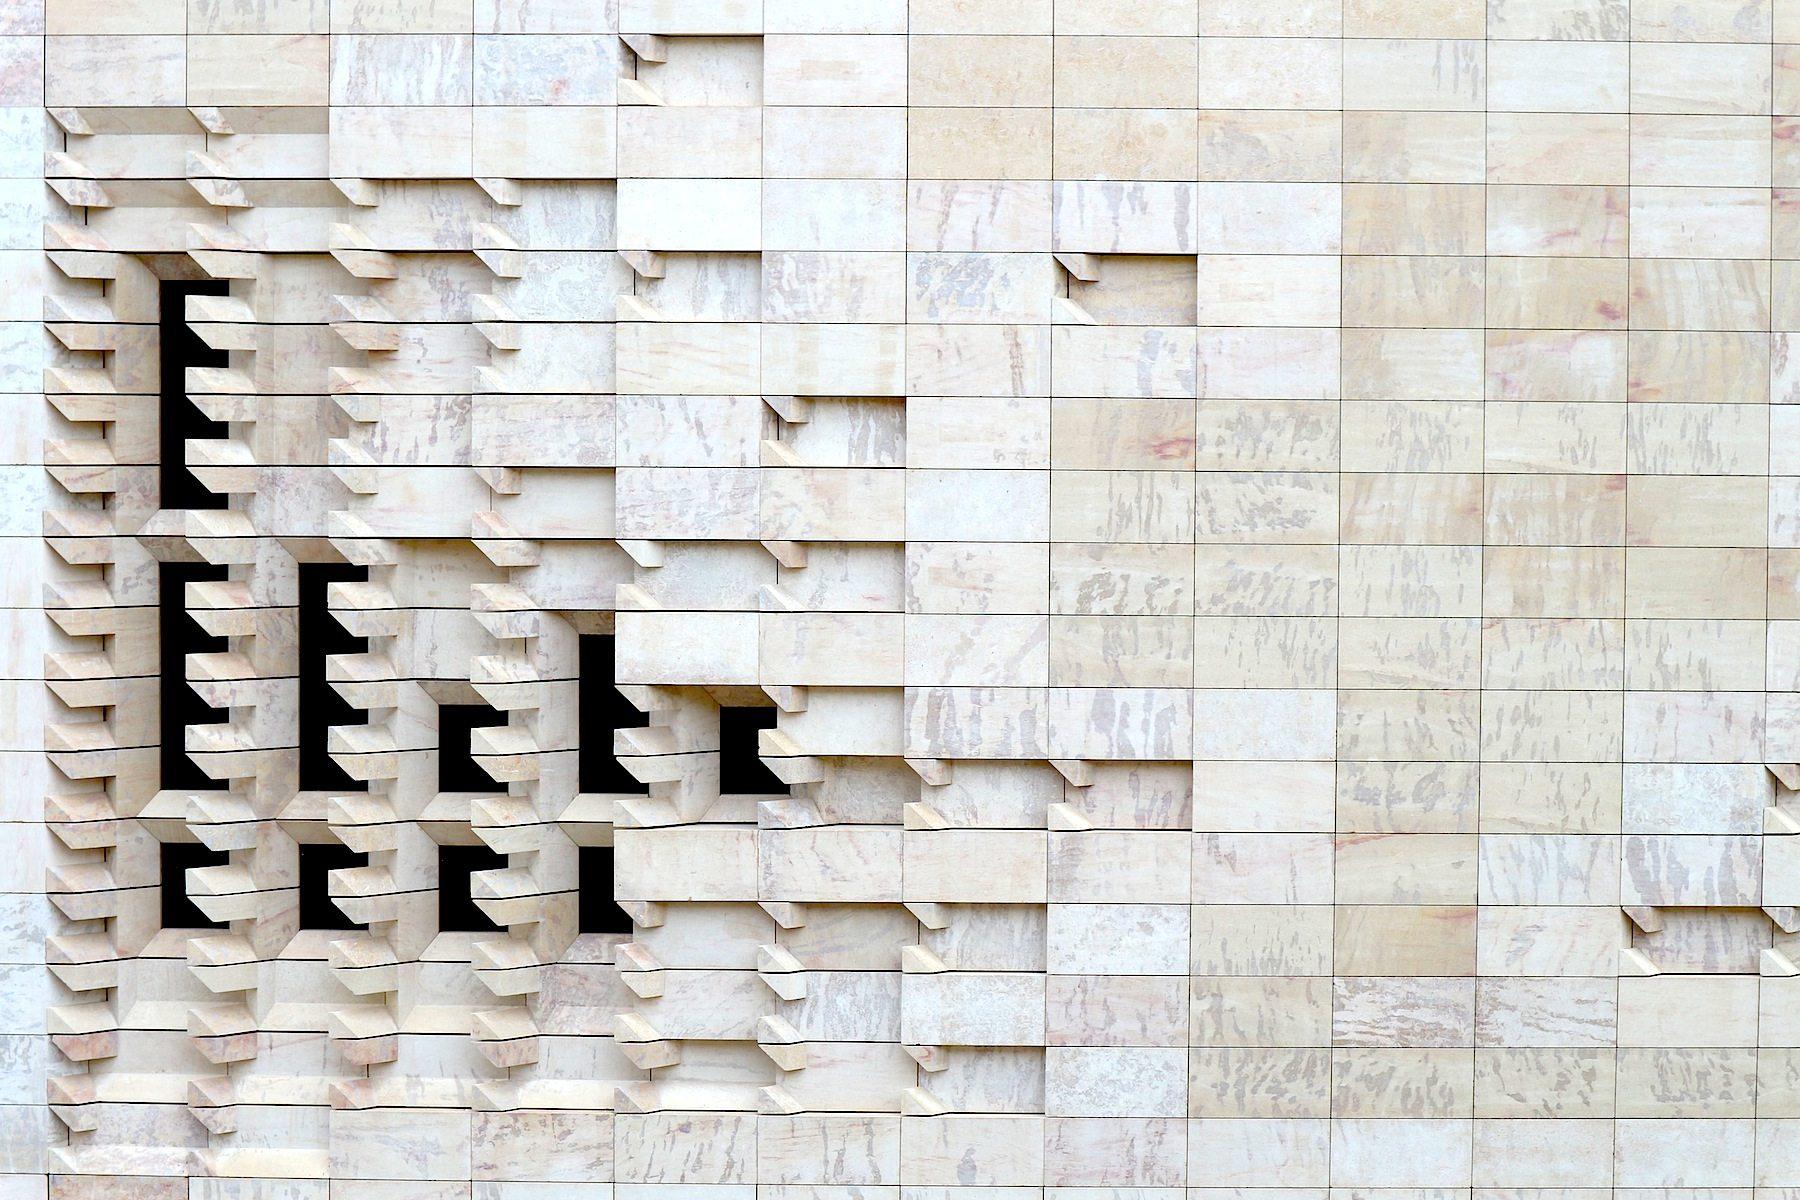 Parlament mit Fassadendetail, Valletta.